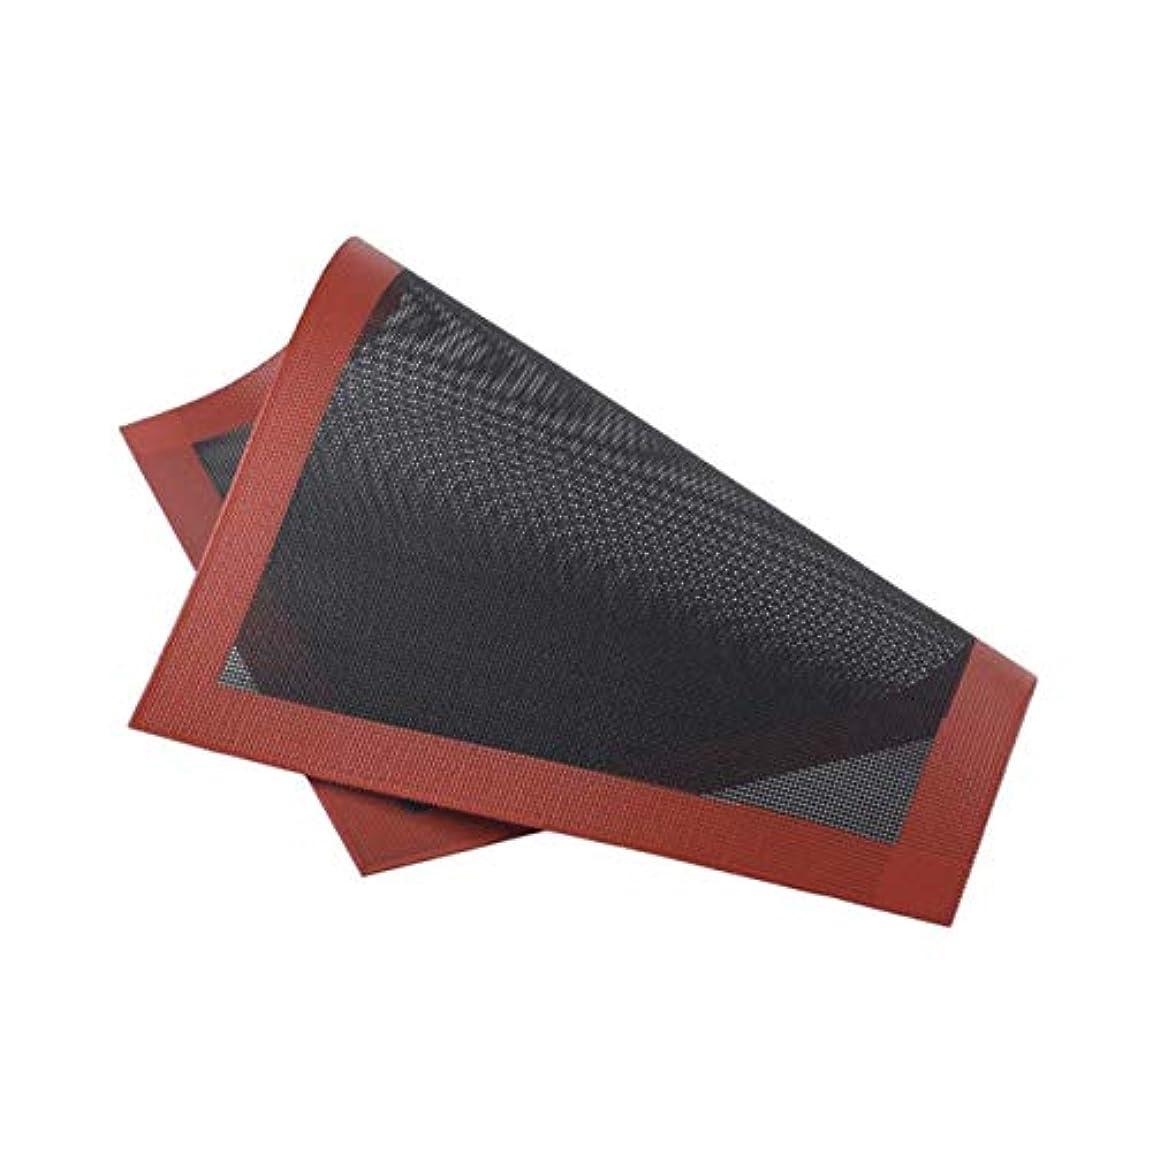 喉頭発疹軽食Saikogoods クッキーパンビスケットのための実用的なデザインホームキッチンベーキングツールのシリコンベーキングマットノンスティックベーキングオーブンシートライナー 黒と赤 直角